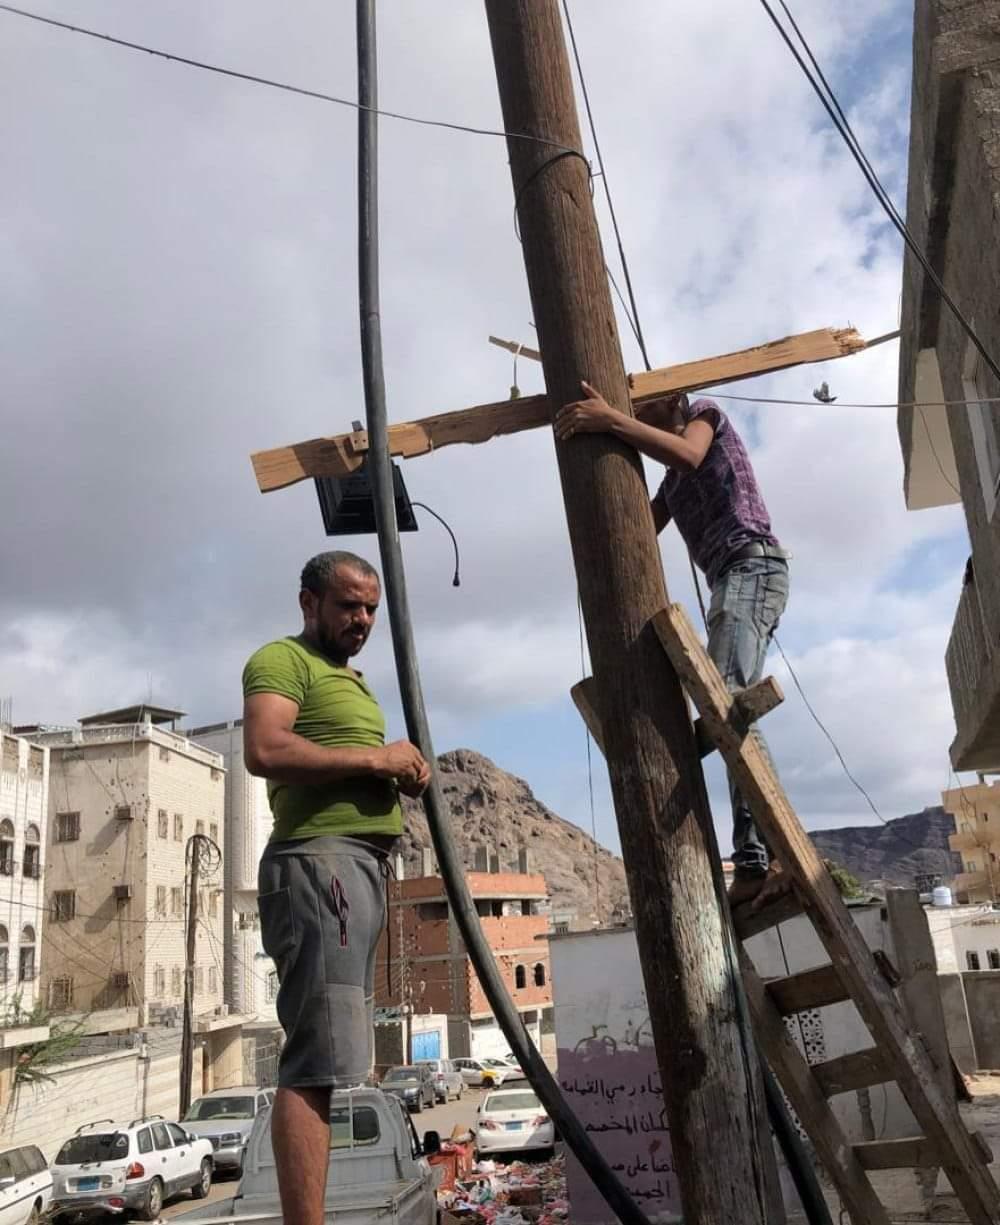 بدعم من مؤسسة منارة حملة إنارة للشوارع والأحياء السكينة في بأحد مديريات عدن